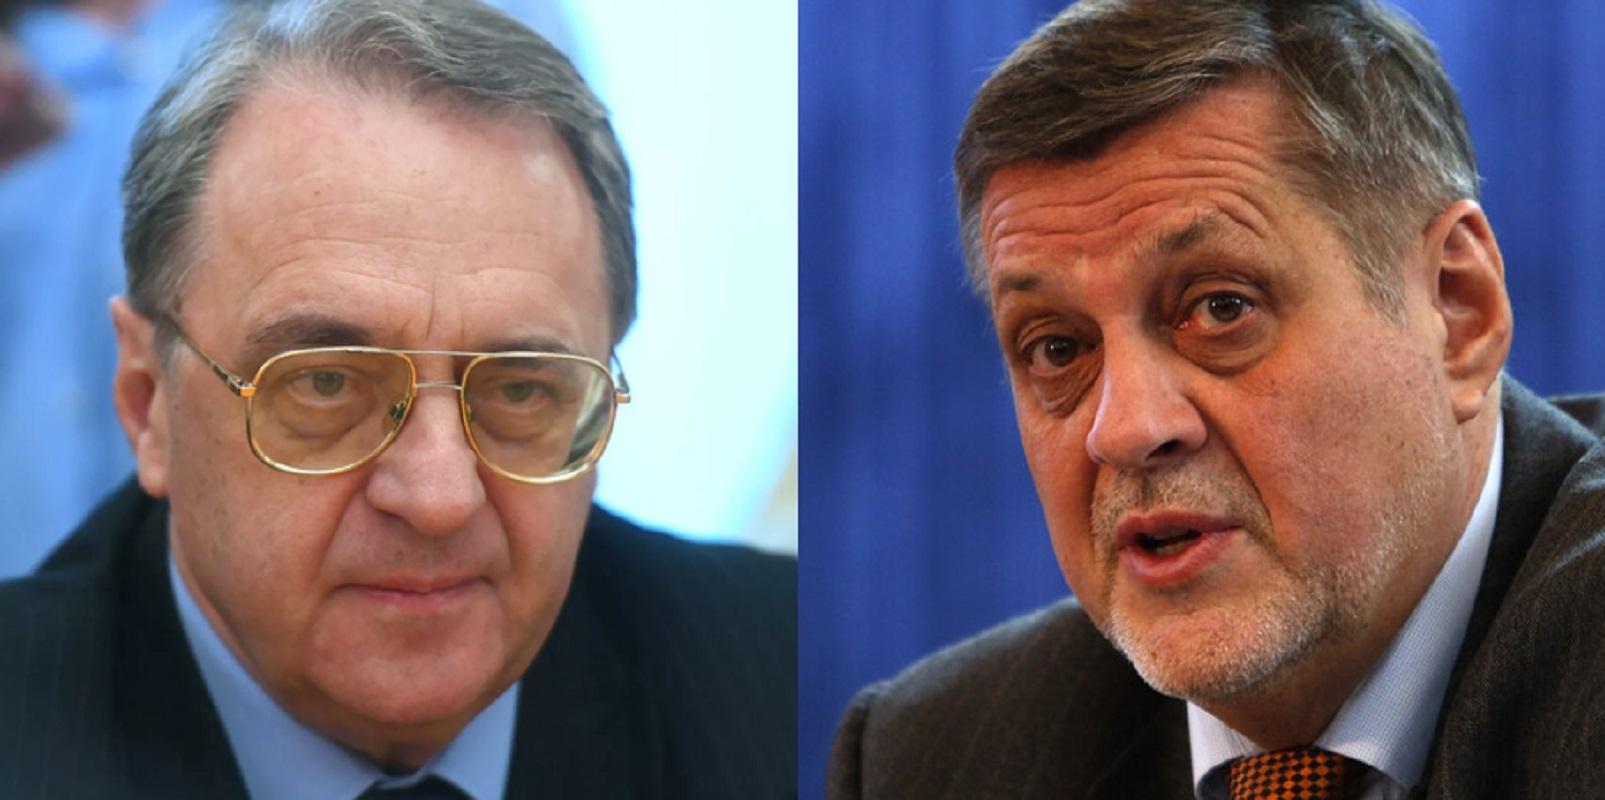 ميخائيل بوغدانوف، المبعوث الخاص للرئيس الروسي إلى الشرق الأوسط وشمال إفريقيا (يسار)، ويان كوبيش، رئيس بعثة الأمم المتحدة للدعم في ليبيا